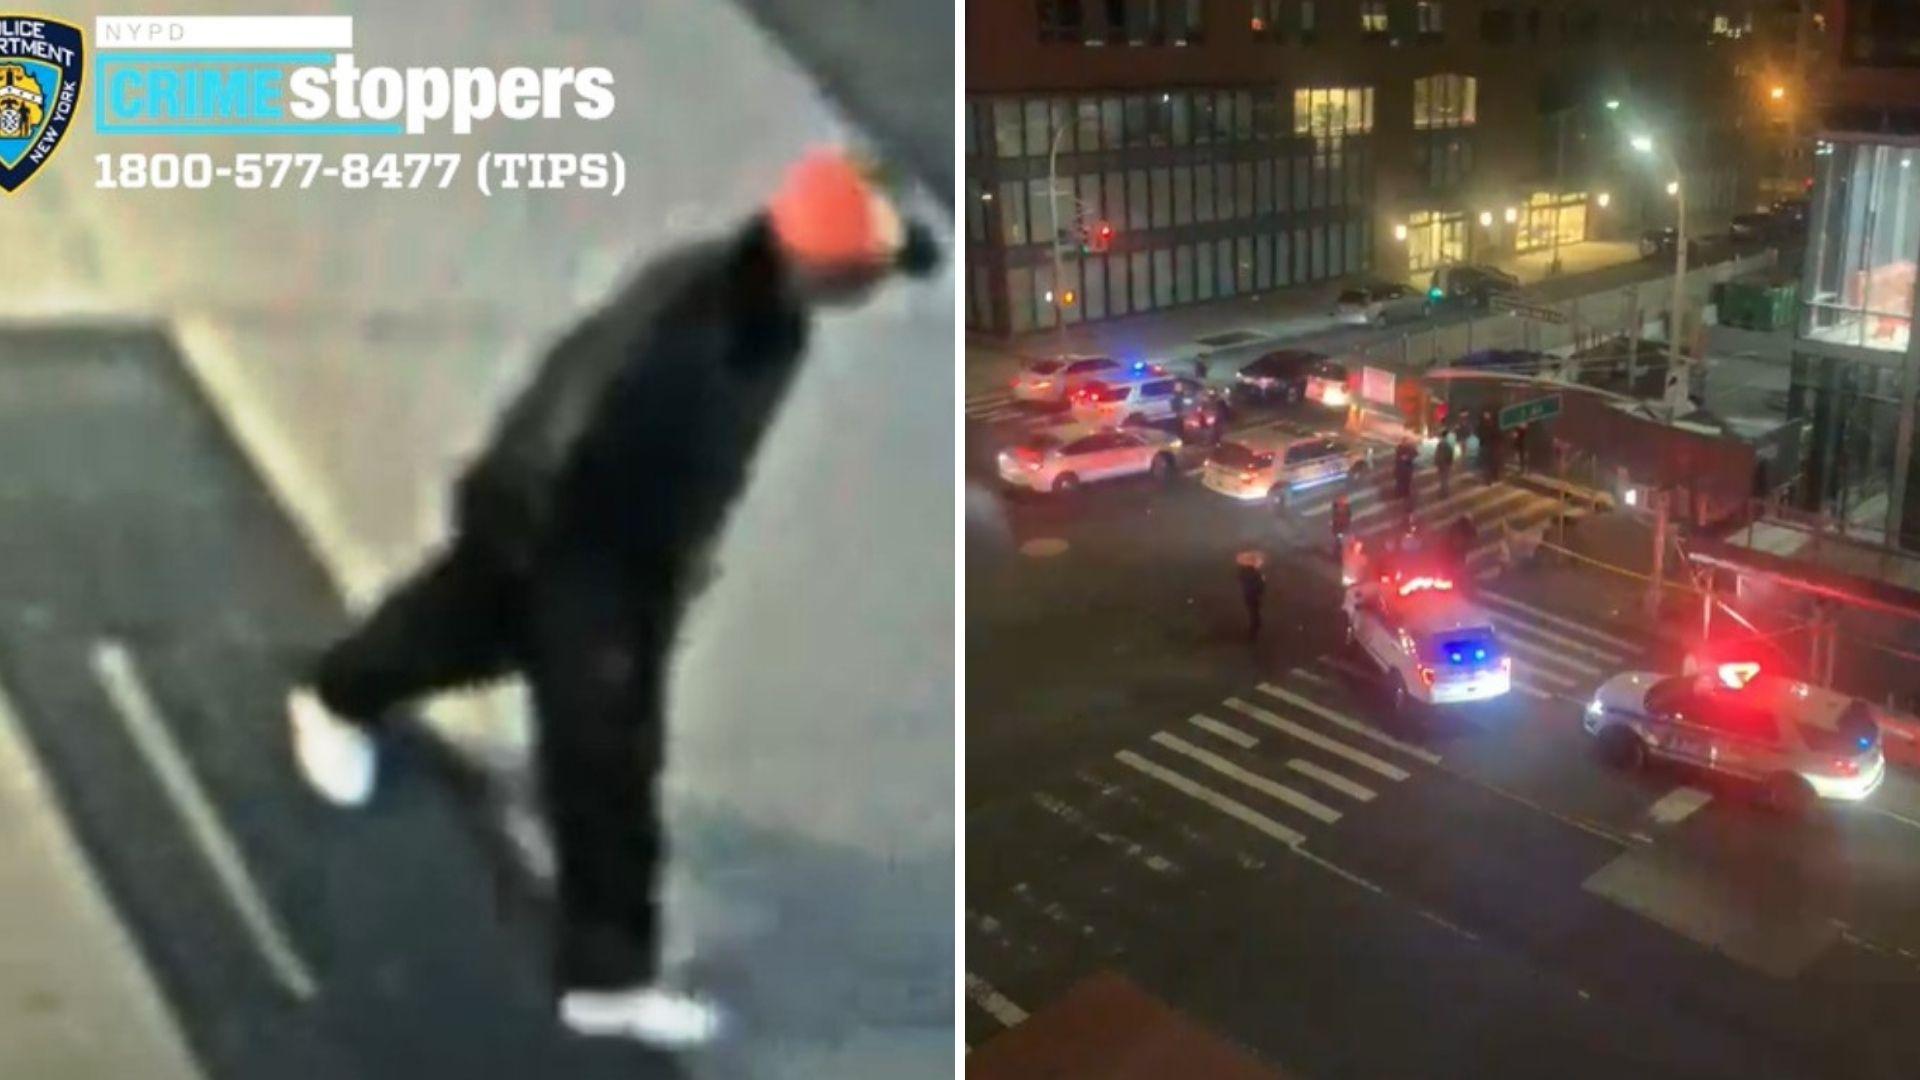 East Harlem hate crime attack